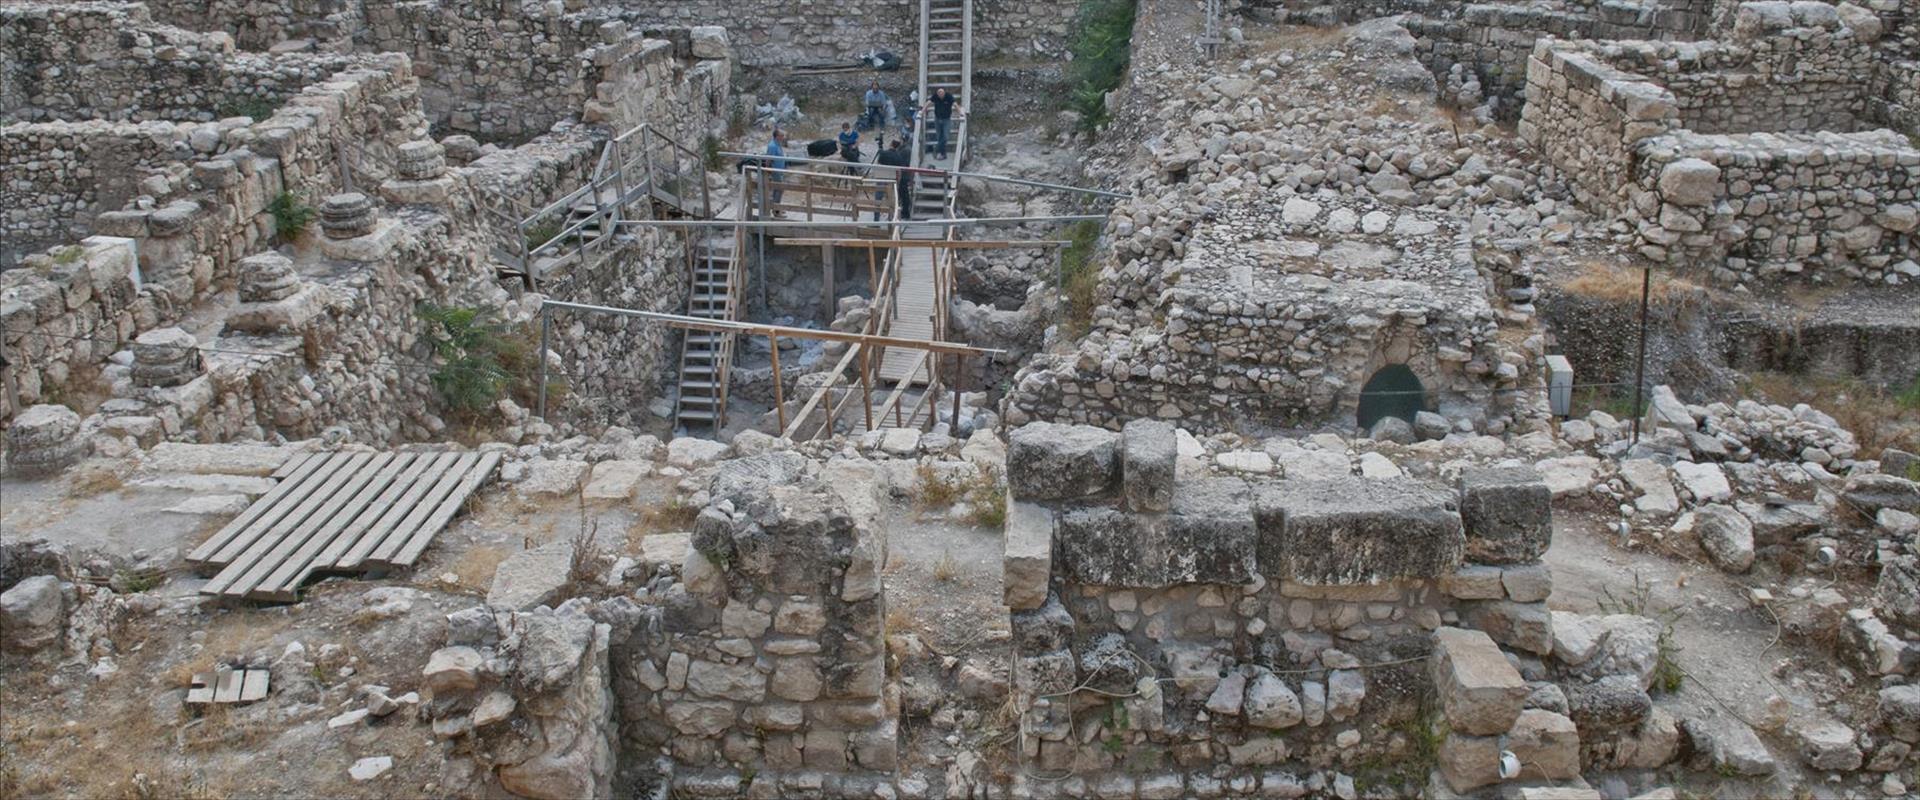 אתר החפירות בחניון גבעתי